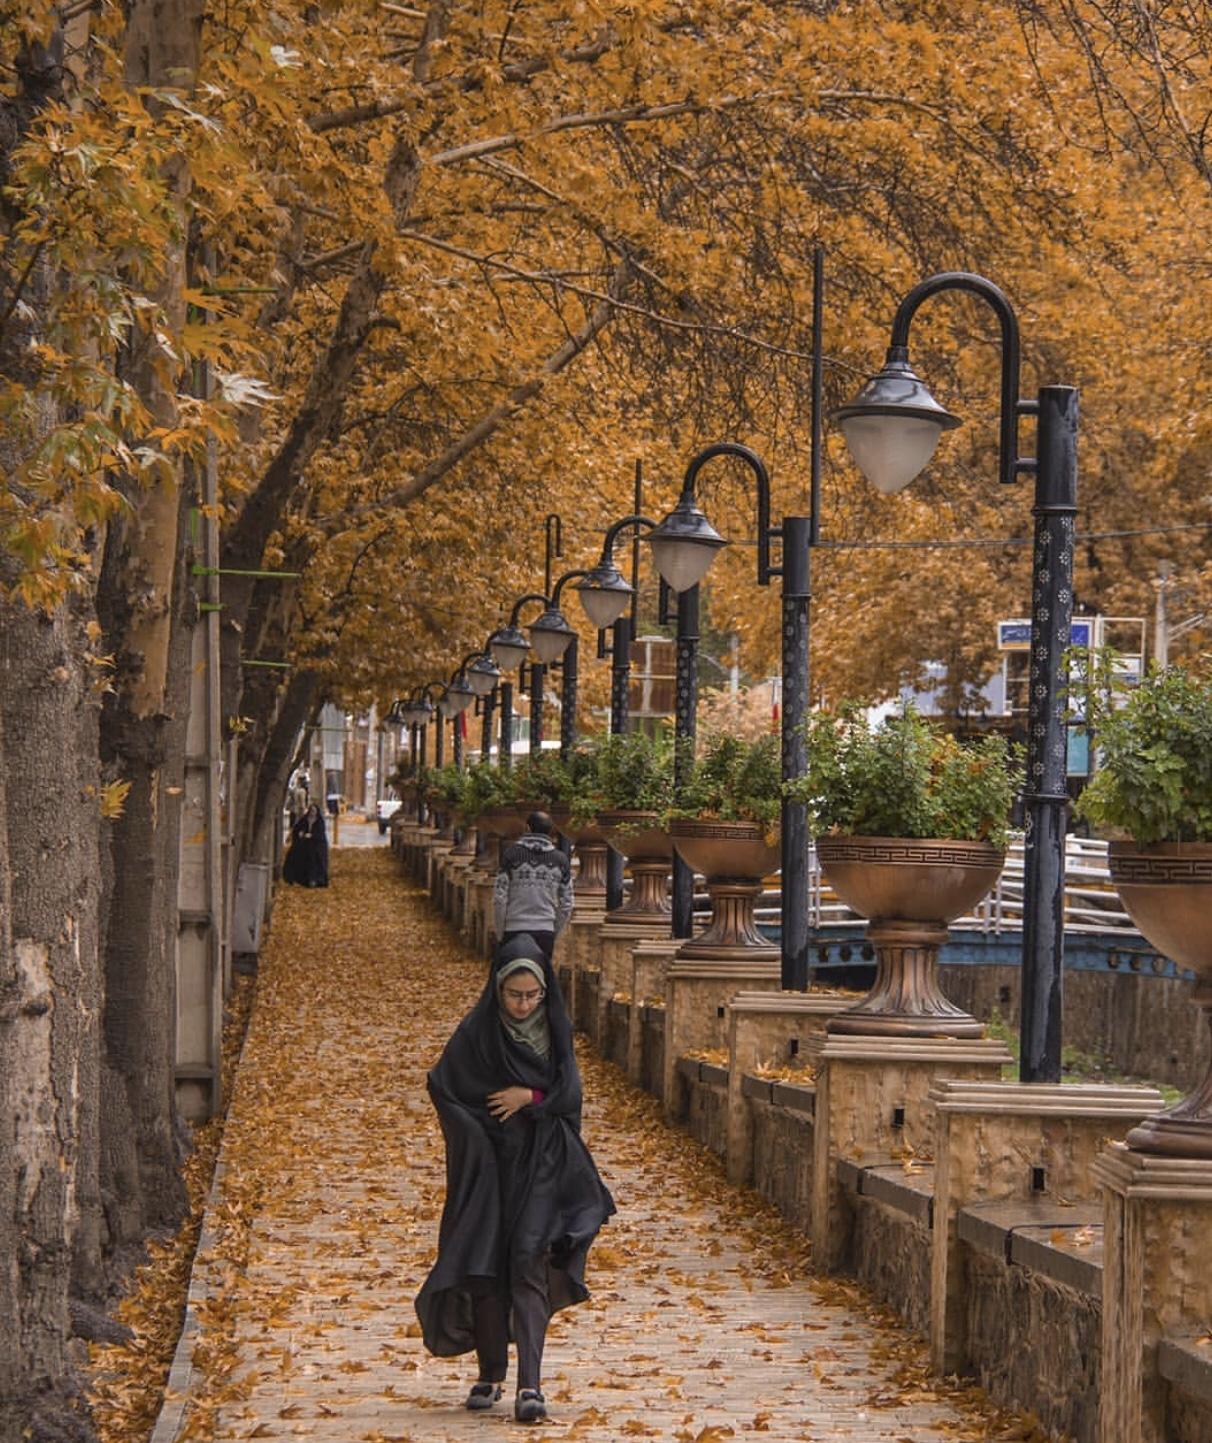 عدسة إيرانية: الخريف في خوانسار، قرب أصفهان 1